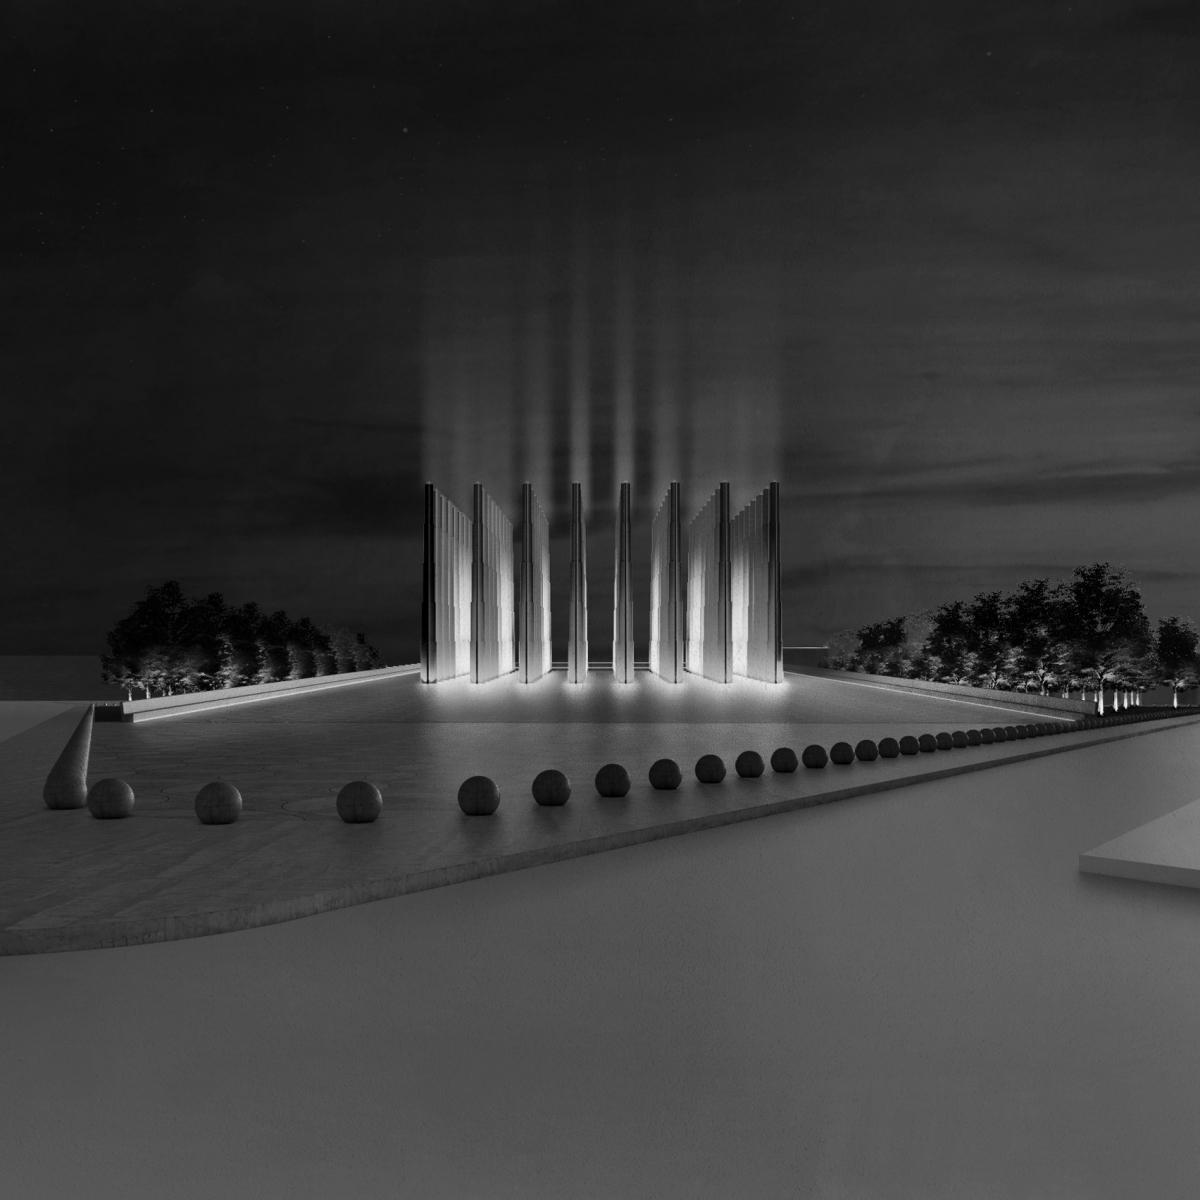 Tại quốc gia Tây Phi Niger, Công ty thiết kế Adjaye Associates sẽ hoàn thành một công trình đài tưởng niệm. Với kết cấu gồm 56 cột bê tông hình ngôi sao dài 20 mét lên không trung, nằm bên trên một căn phòng lớn/